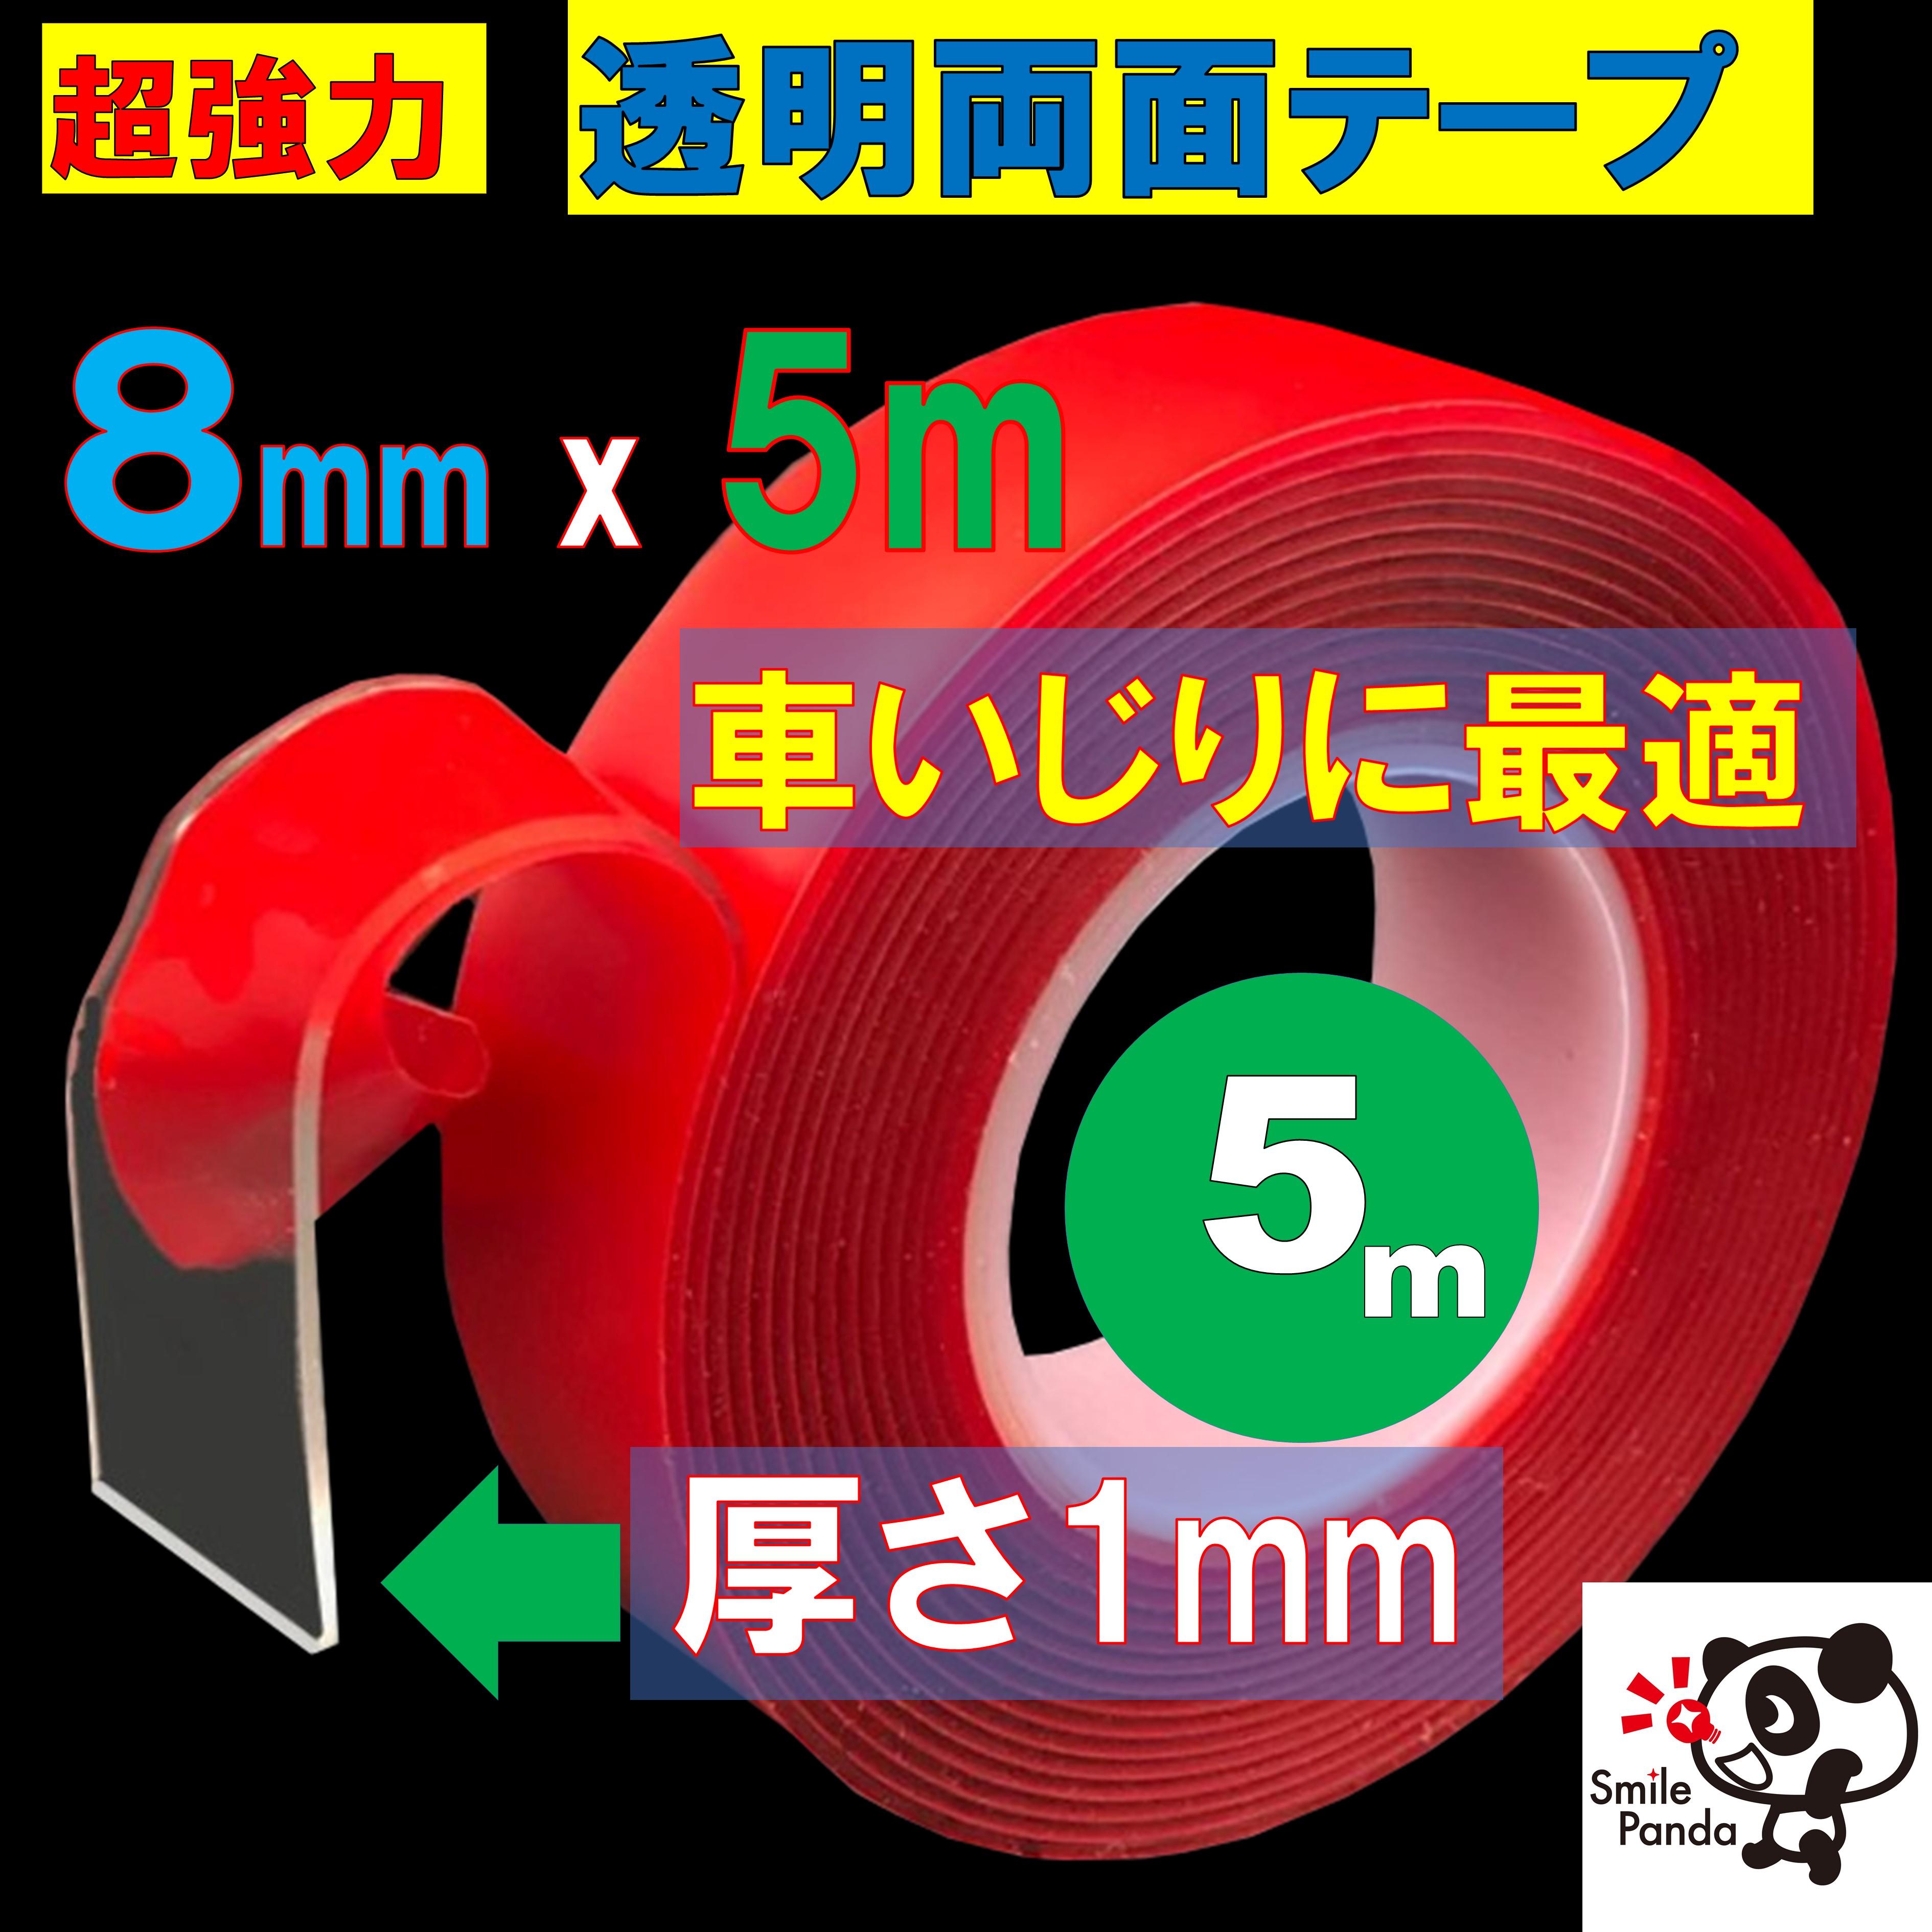 超強力両面テープ 8mm 5m 厚さ1mm 透明 車いじりに最適 両面テープ 長さ5m ドアバイザー クリア 新作製品 世界最高品質人気 DIY 車用テープ LEDテープ 超強力 期間限定